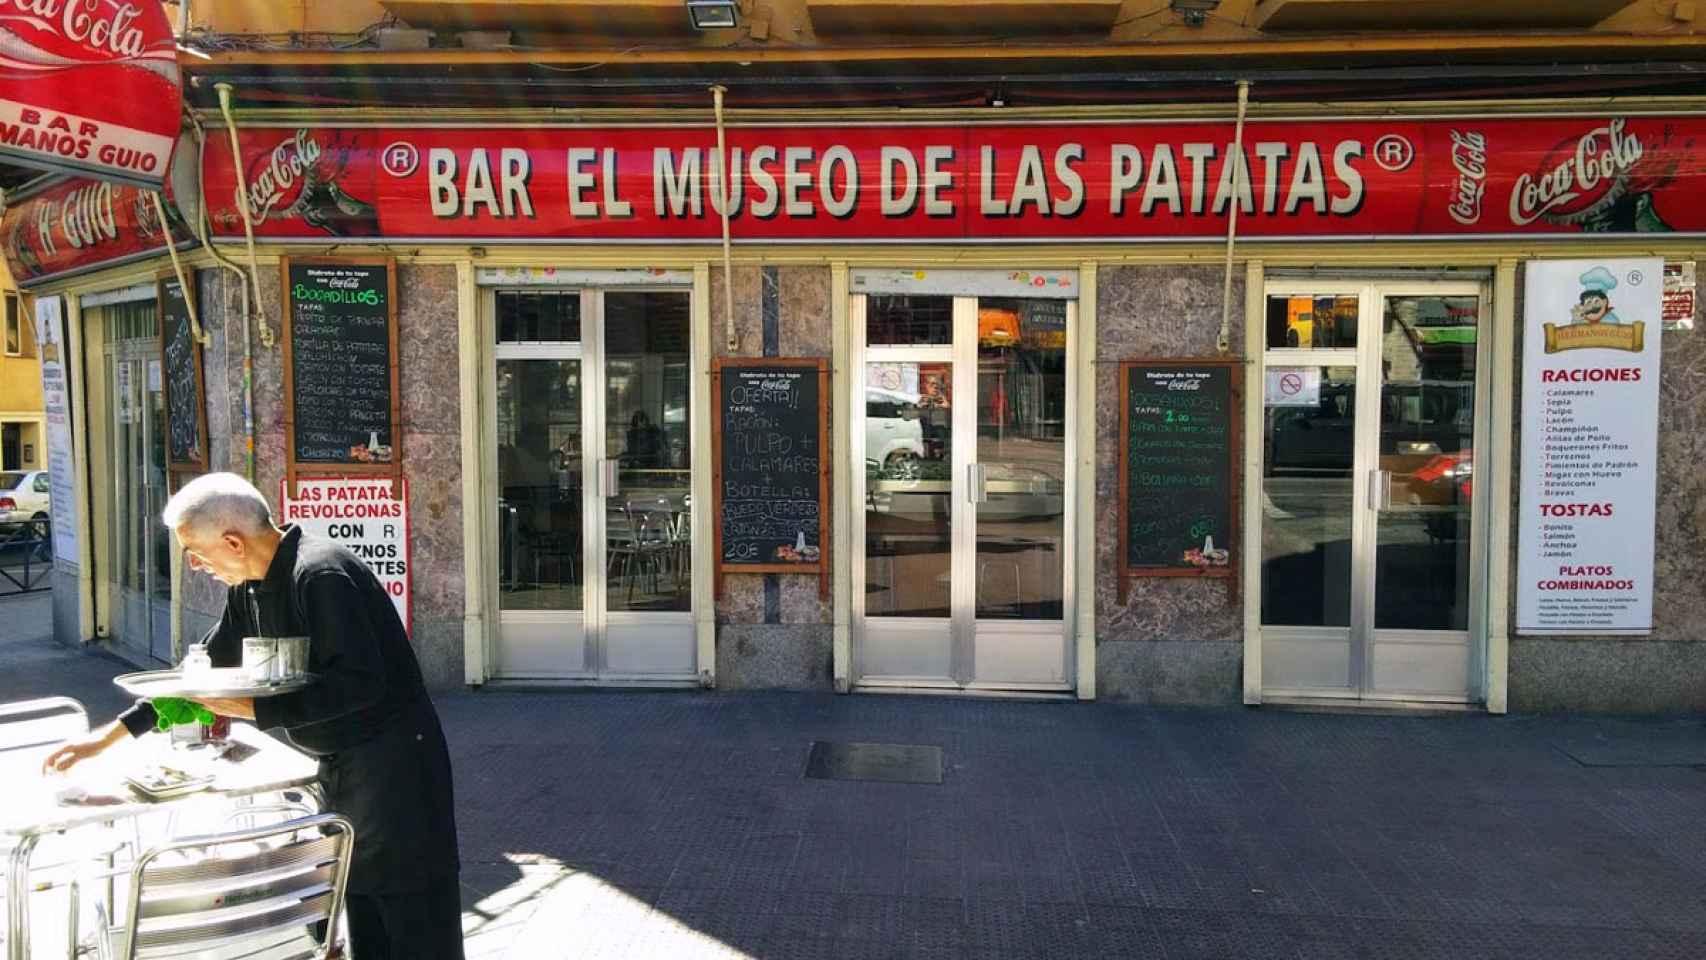 Exterior del local El Museo de las patatas.